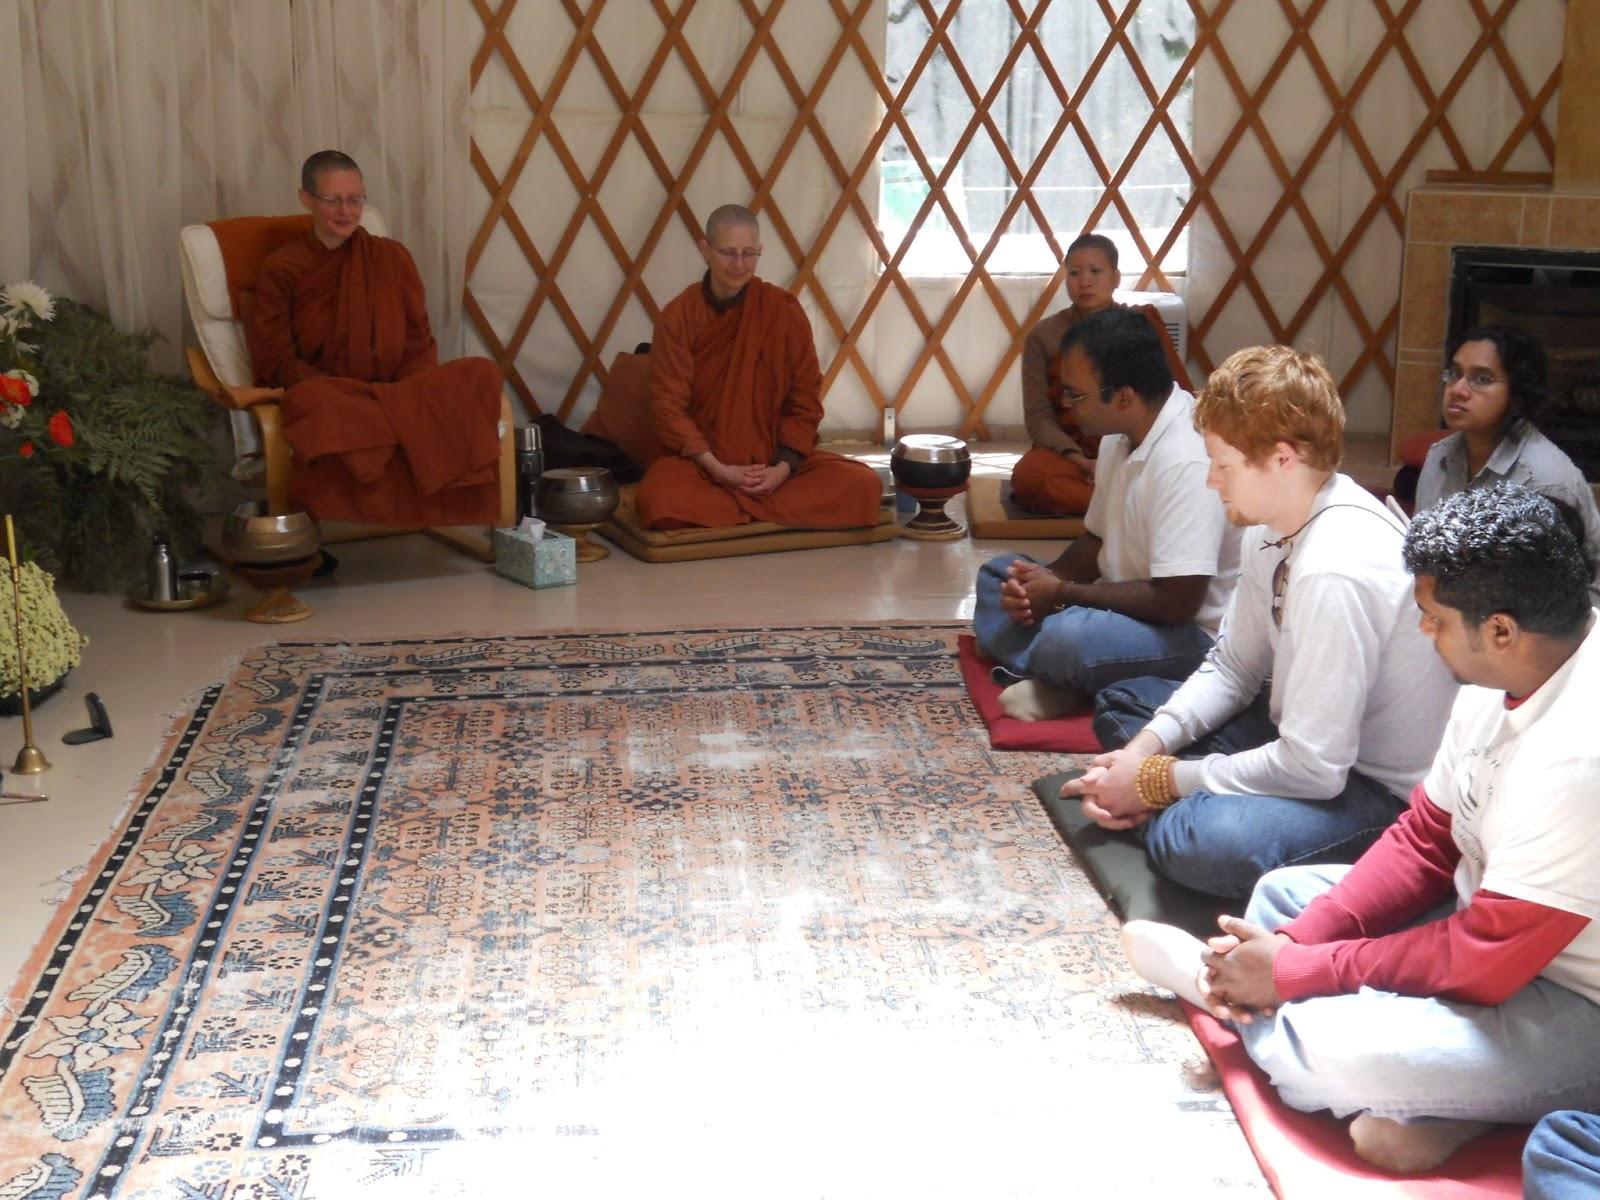 Aranya Bodhi Awakening Forest Hermitage: Reply to